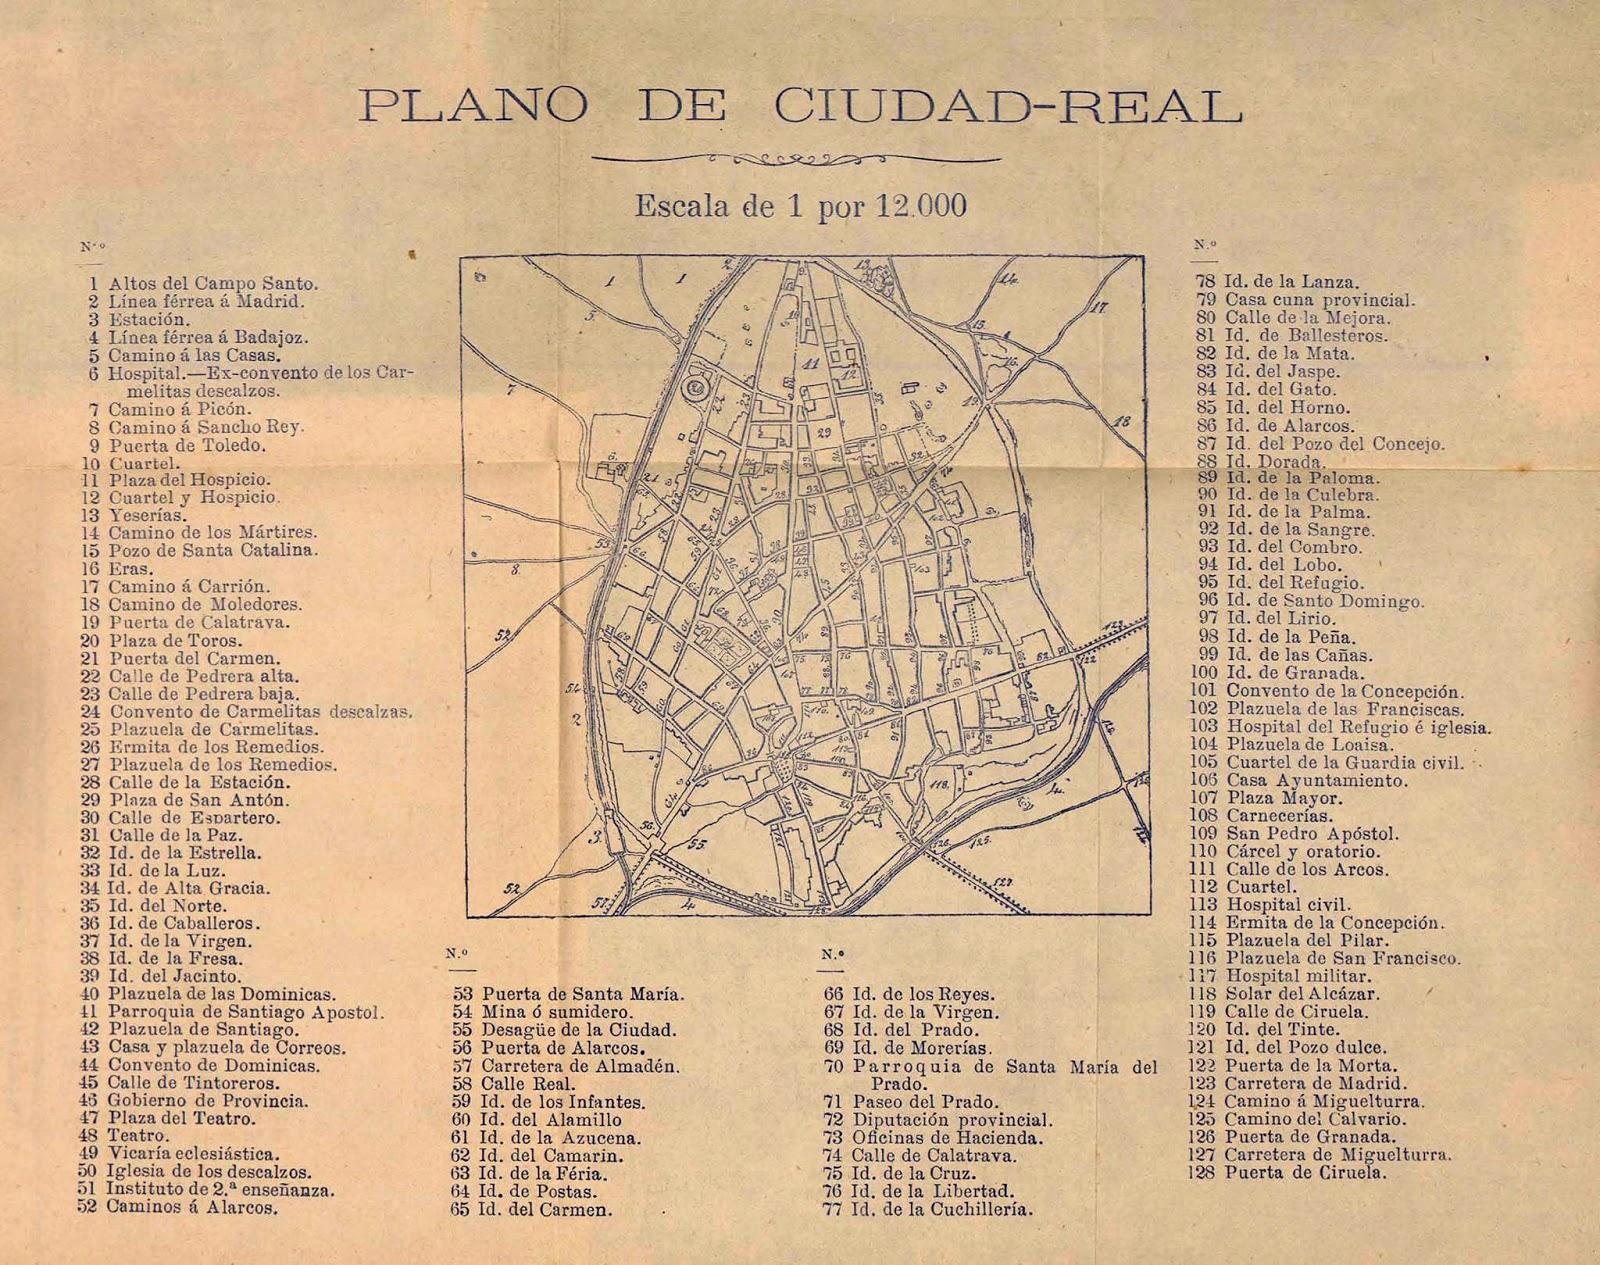 El sayon un plano de ciudad real de 1885 - Plano de ciudad real ...